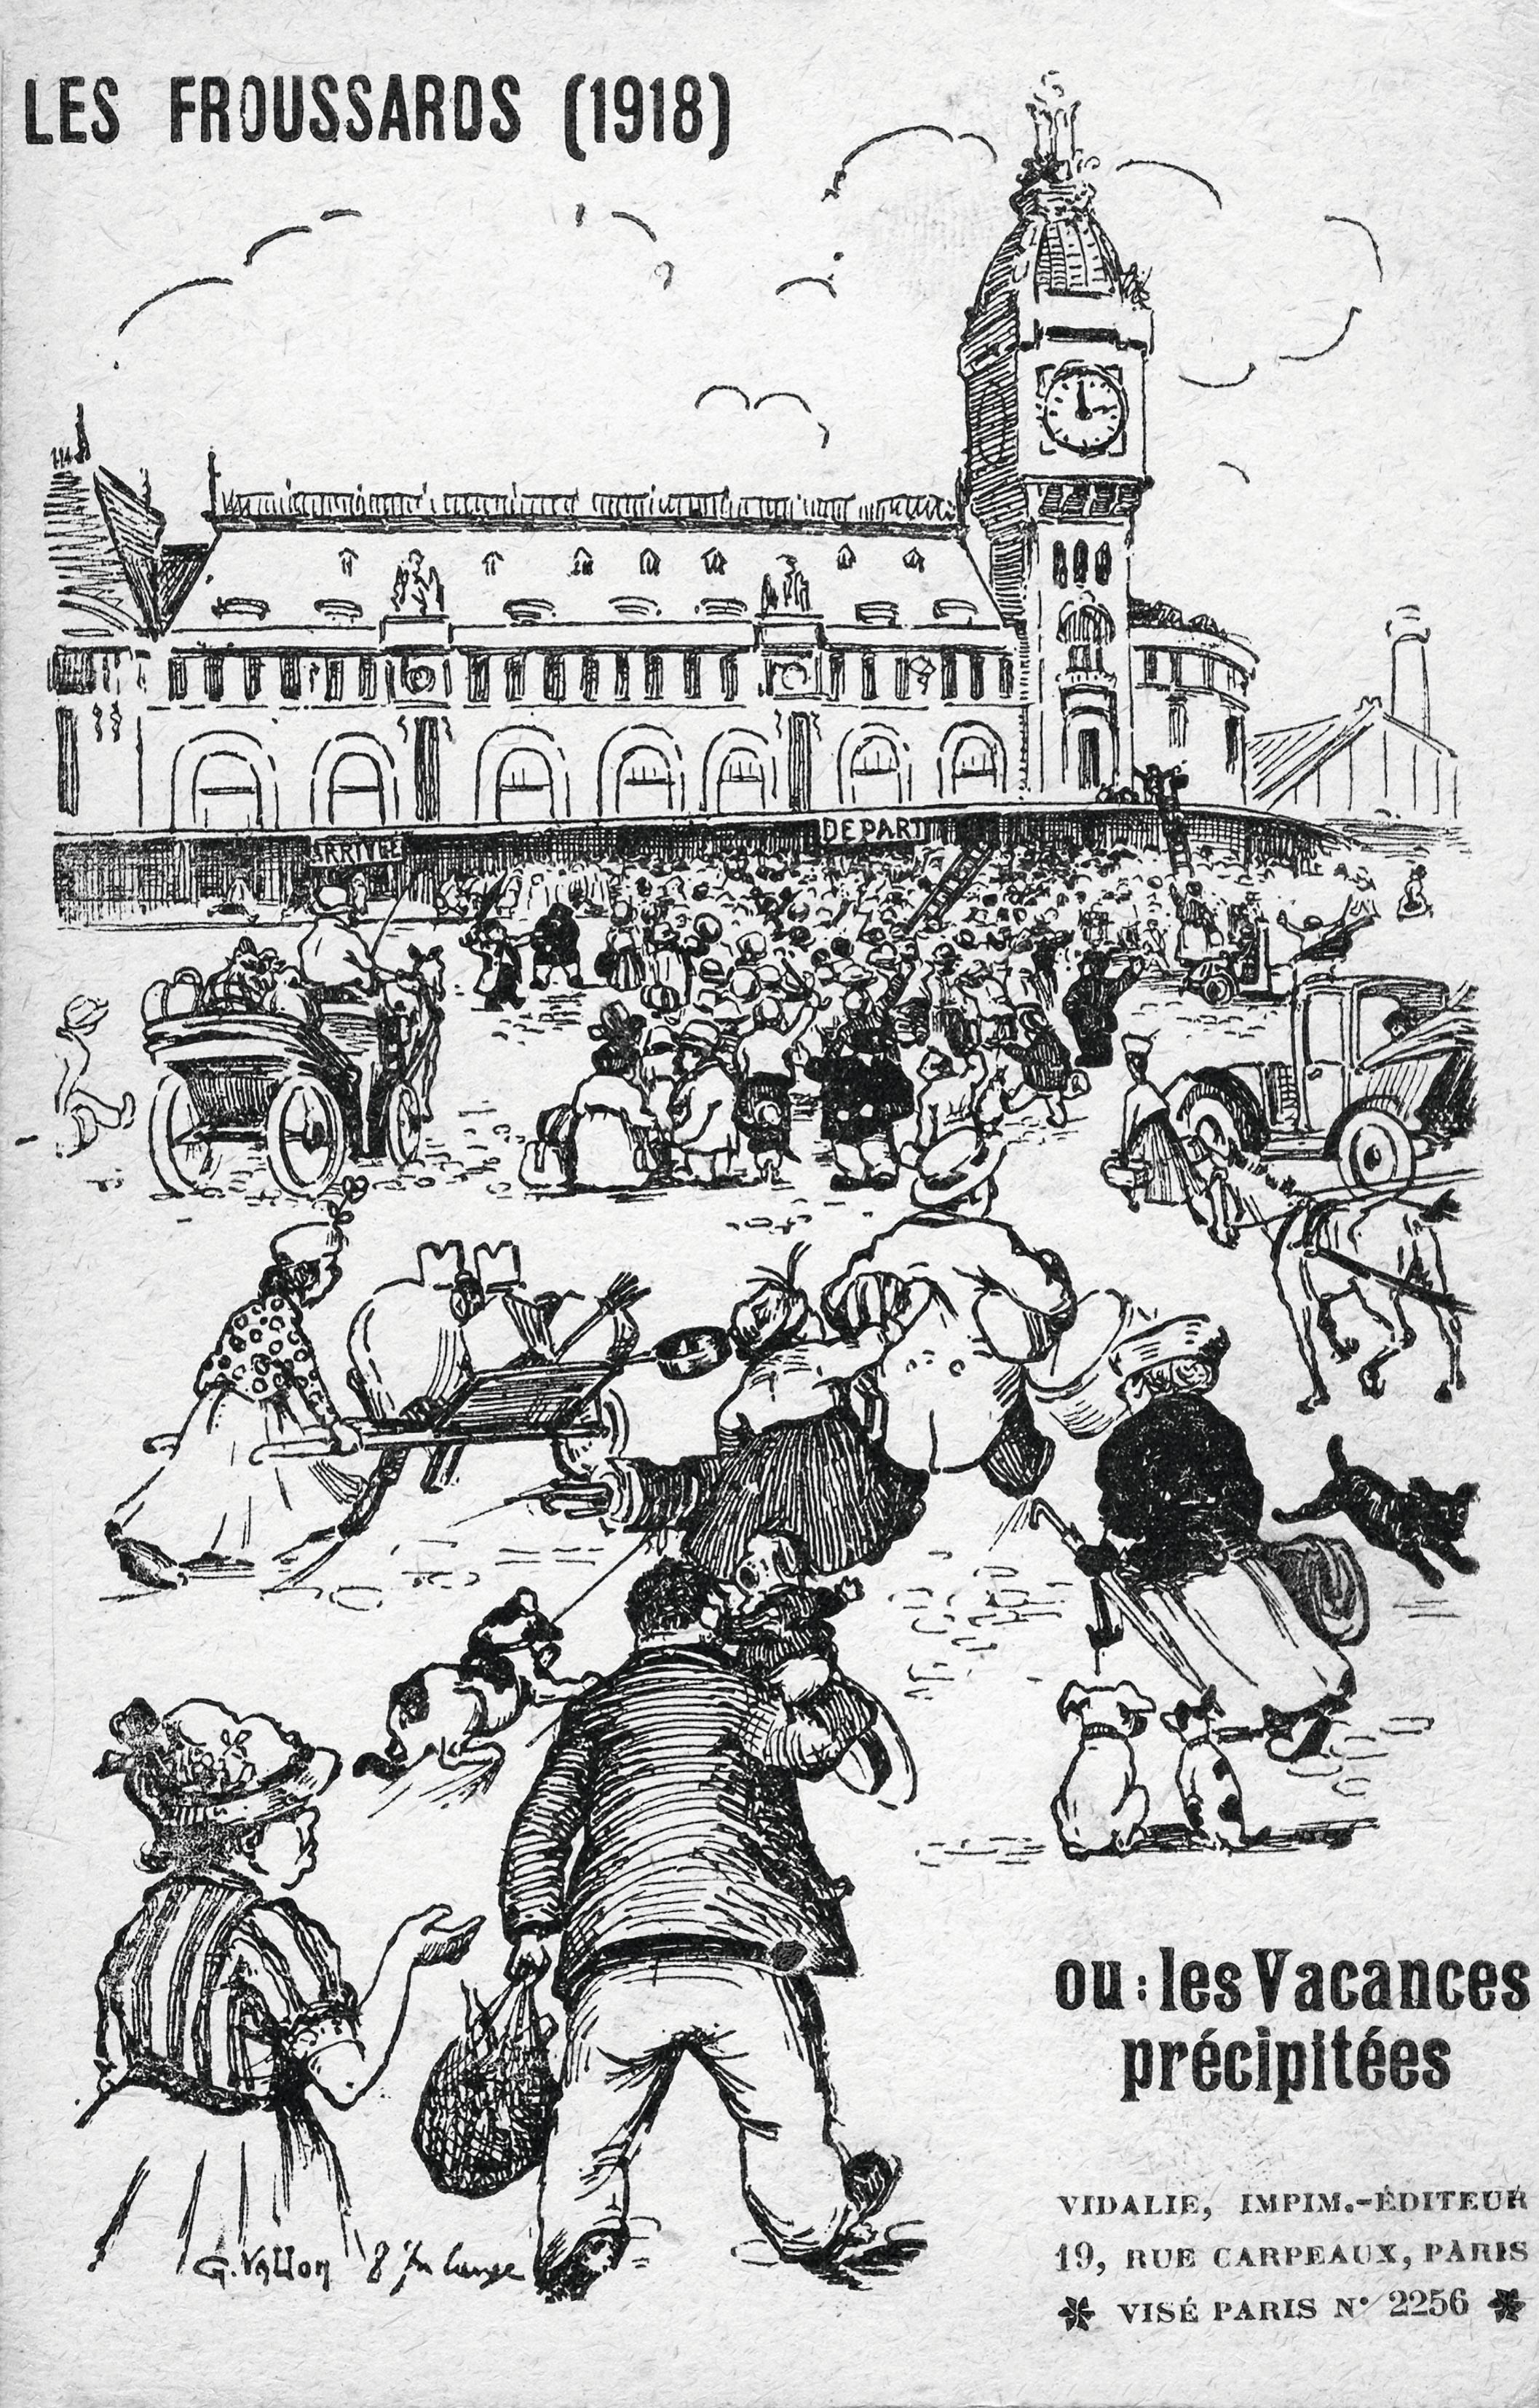 « Les froussards », carte illustrée, 1918, Paris